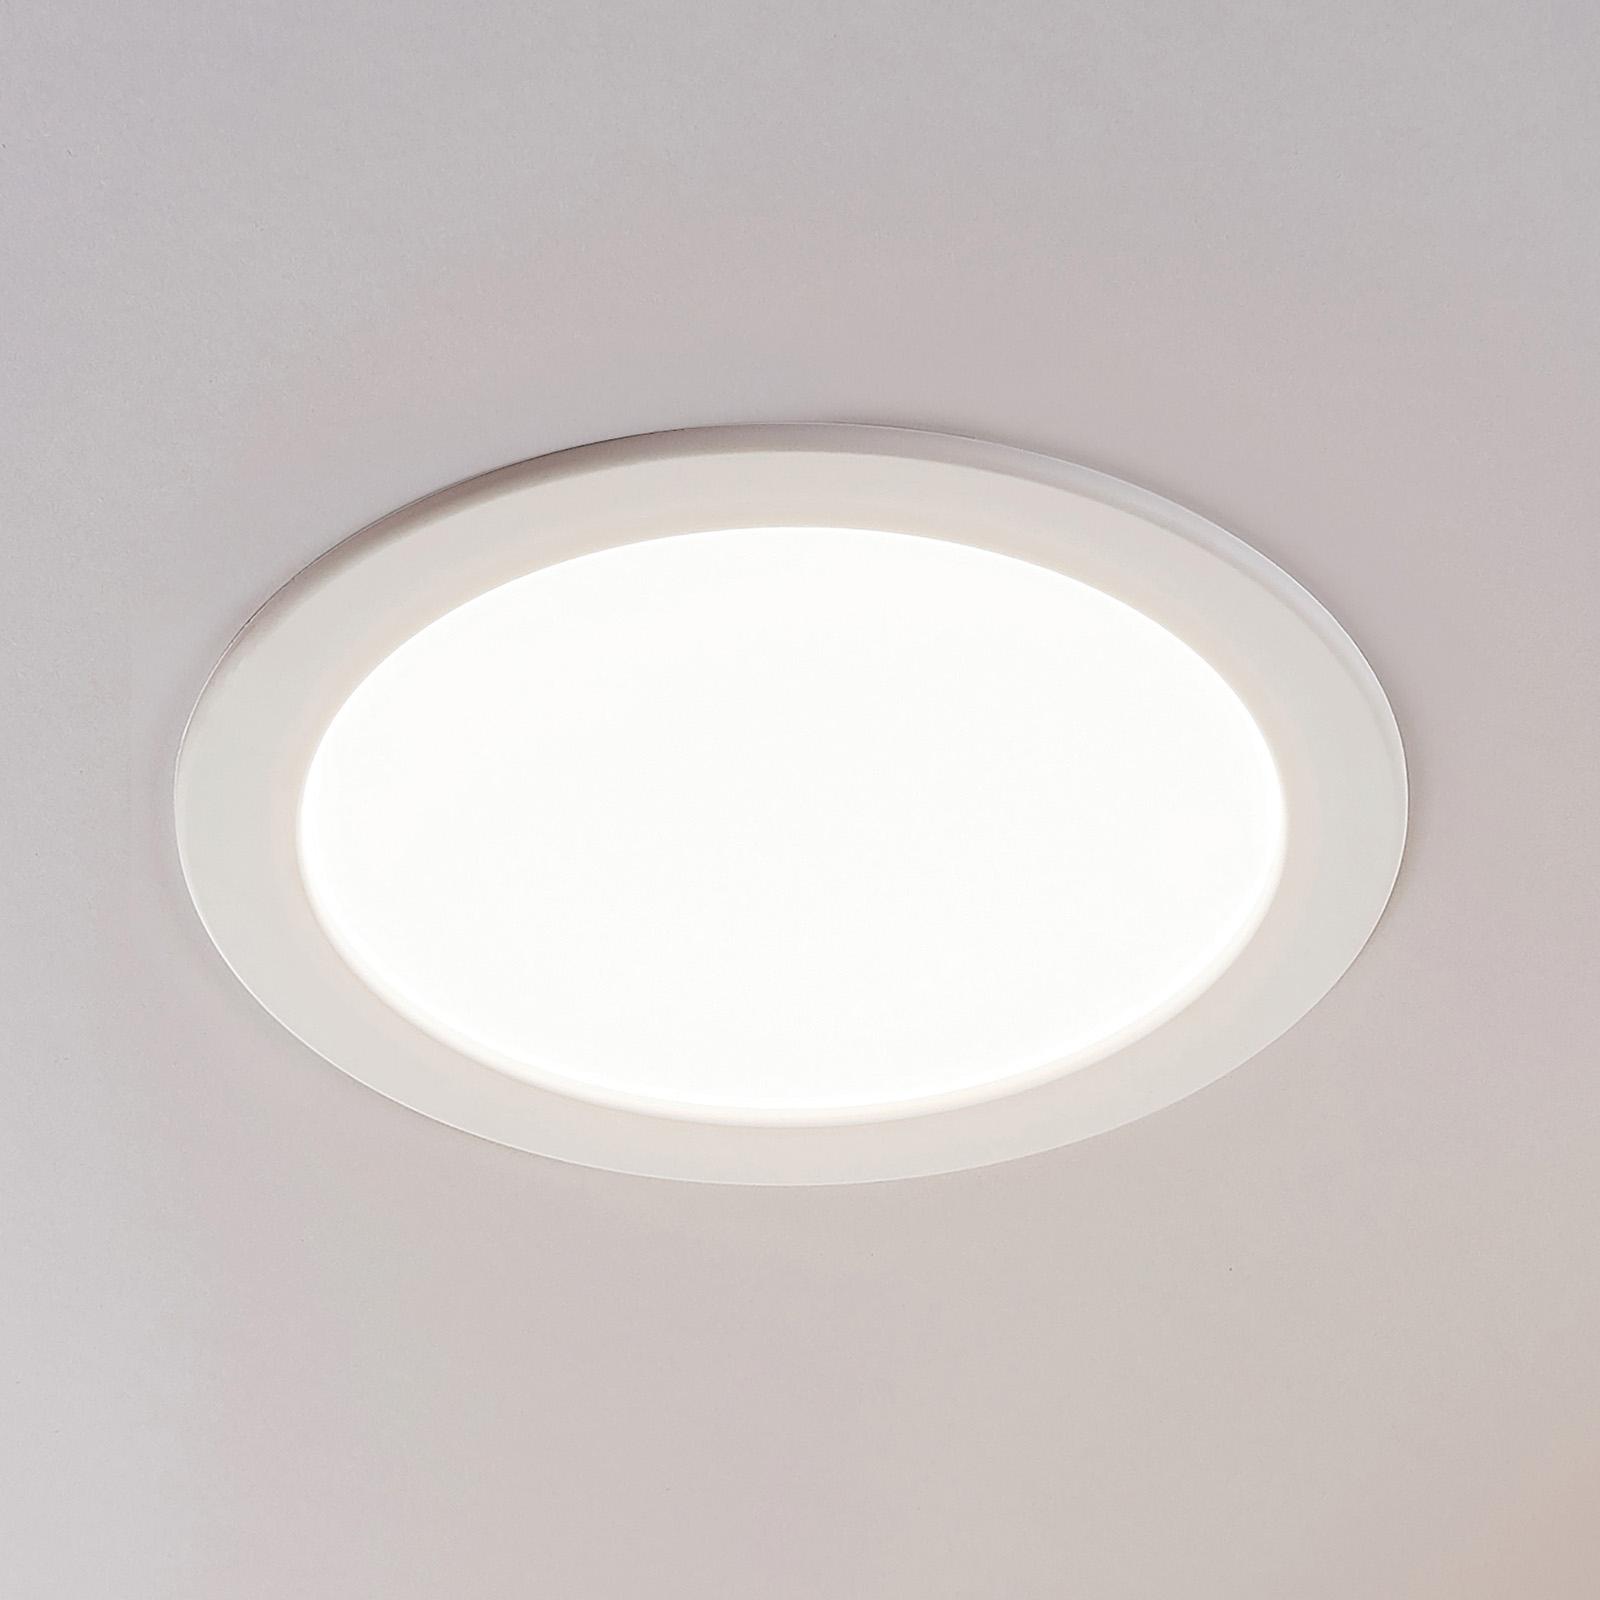 Spot wpuszczany LED Joki 3000K okrągły 24cm